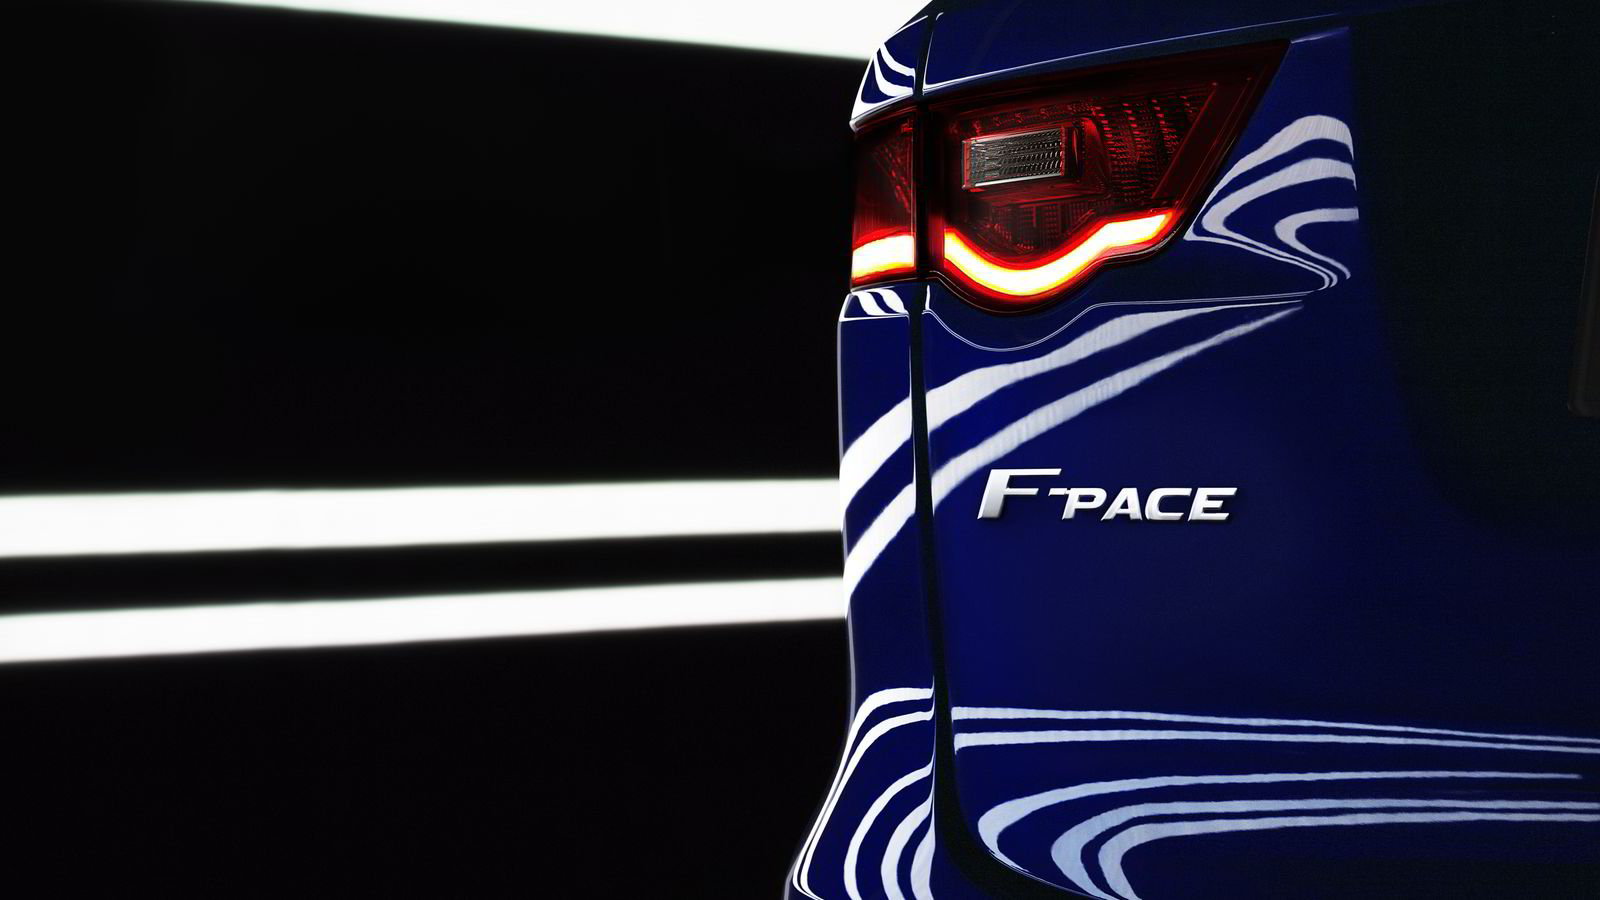 Nå er navnet avslørt: Jaguars første suv skal hete F-Pace.